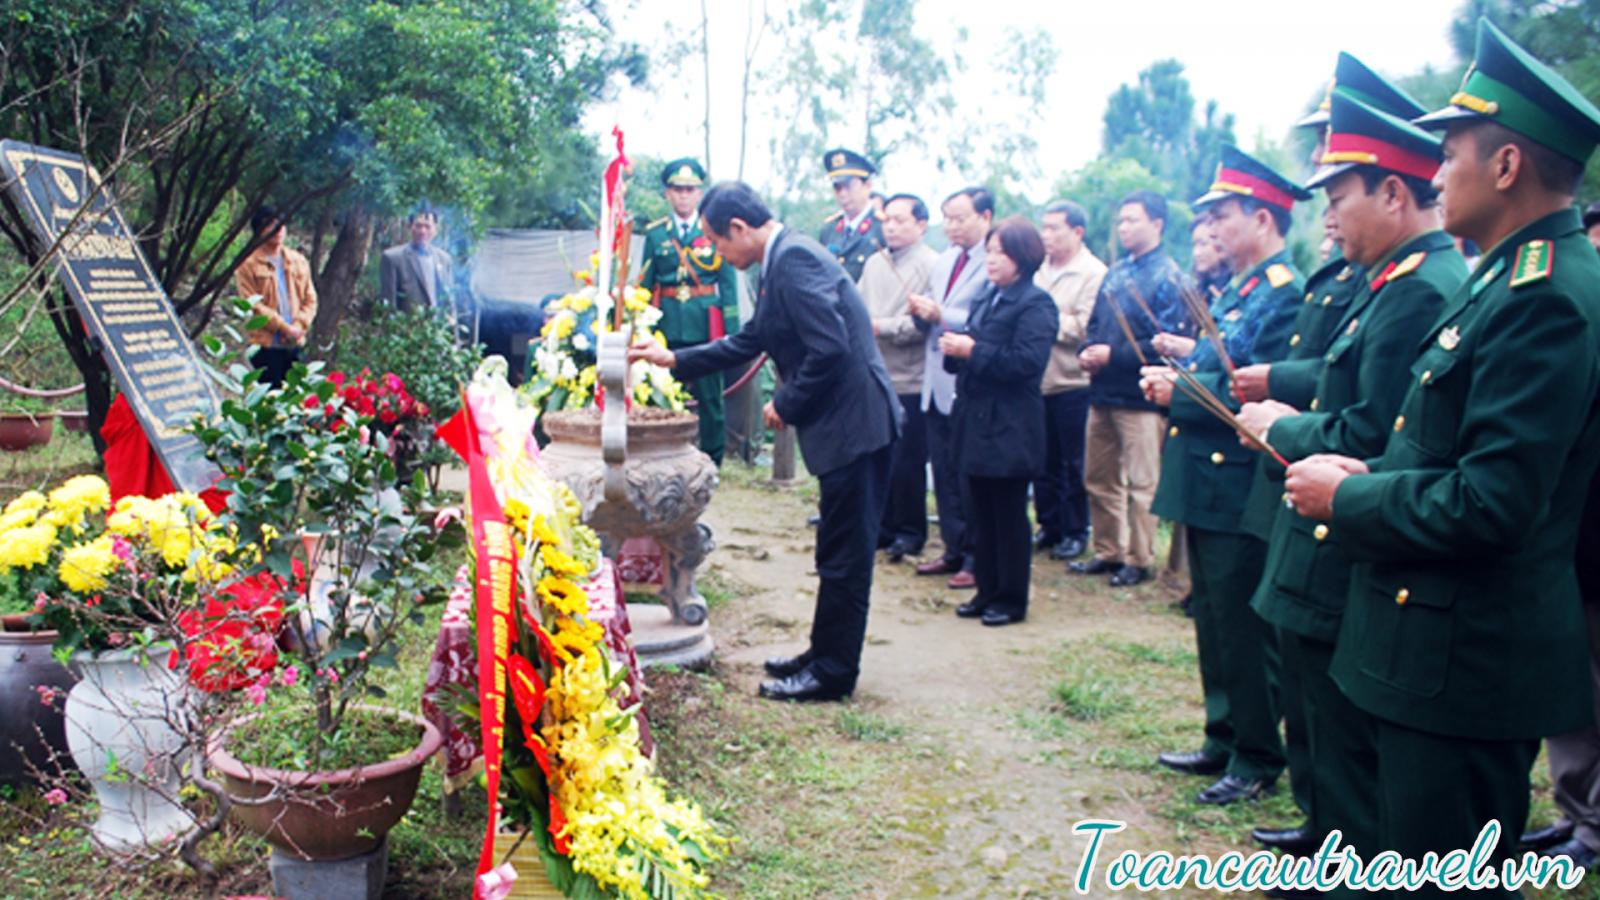 Viếng Mộ Đại Tướng Võ Nguyên Giáp là Đại tướng đầu tiên của Quân đội Nhân dân Việt Nam